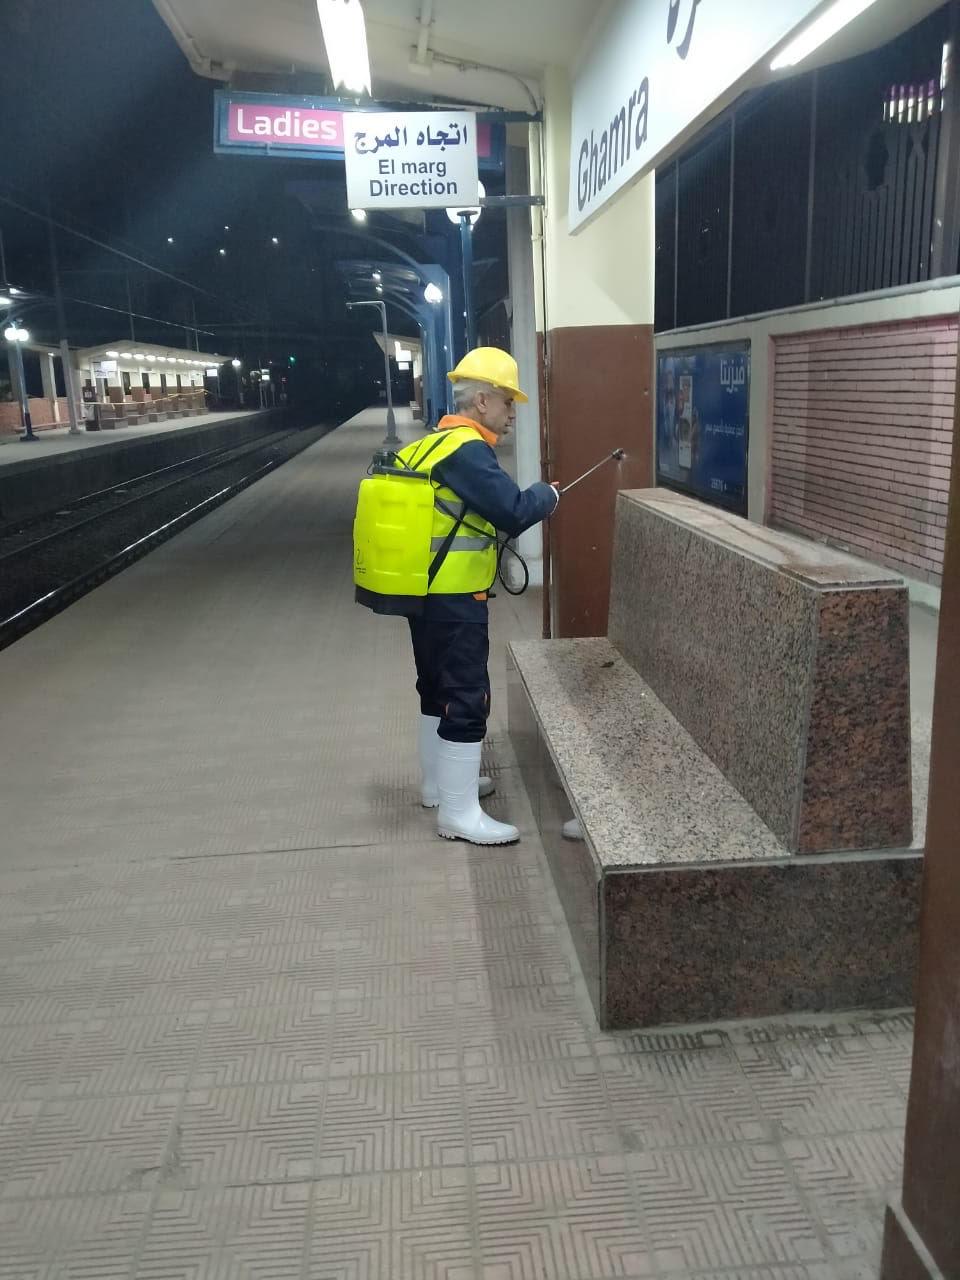 المترو يواصل أعمال تعقيم وتطهير القطارات والمحطات ضد كورونا (25)